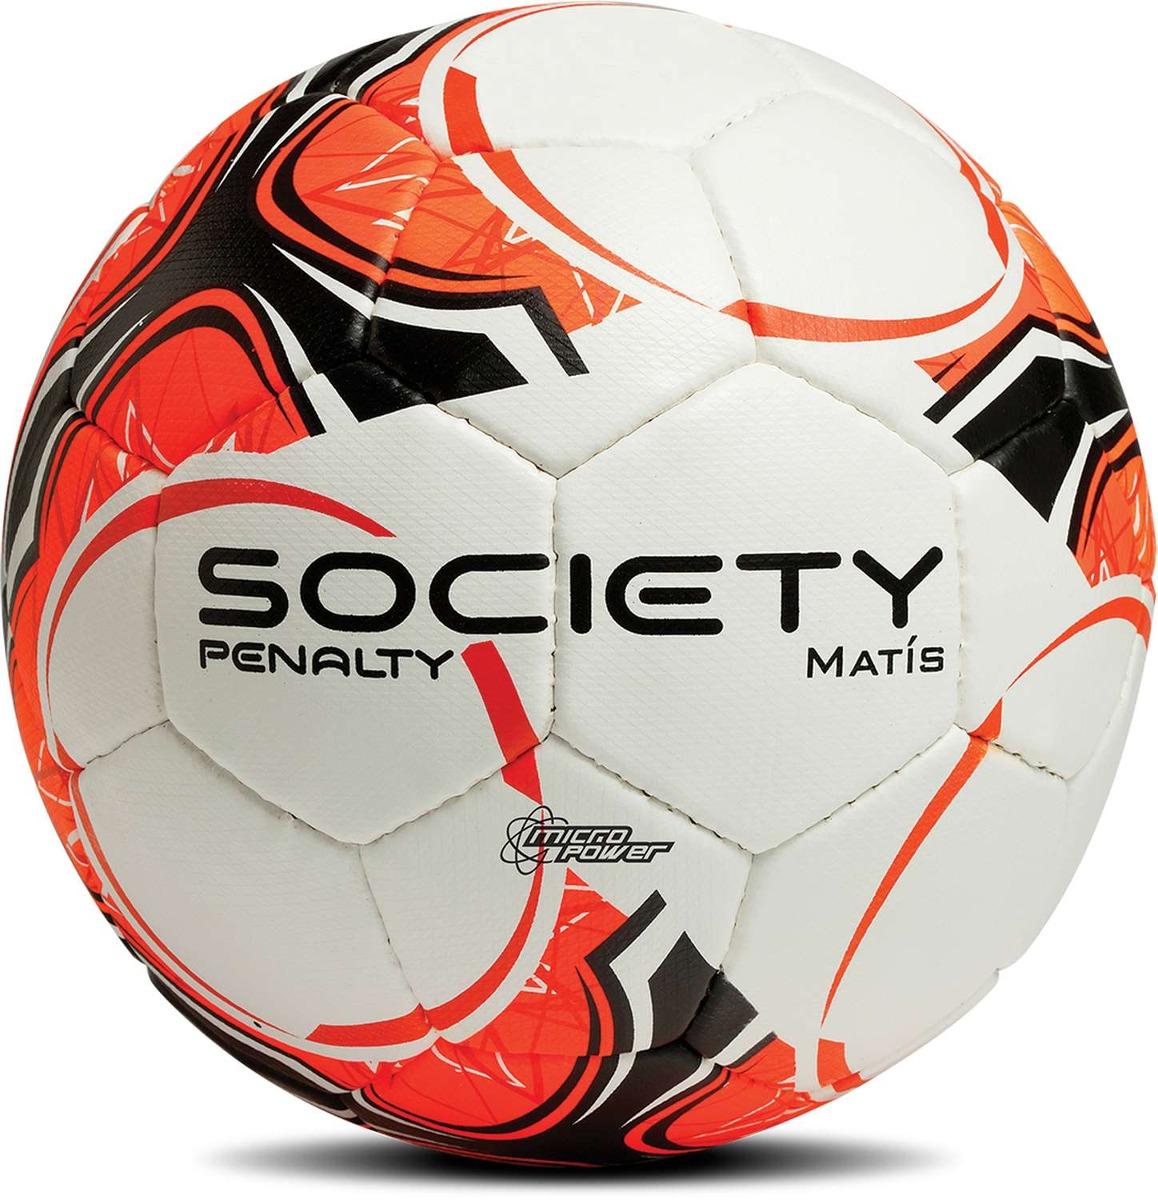 b0f2f96fb5 Bola De Futebol Society Matis C c - R  118